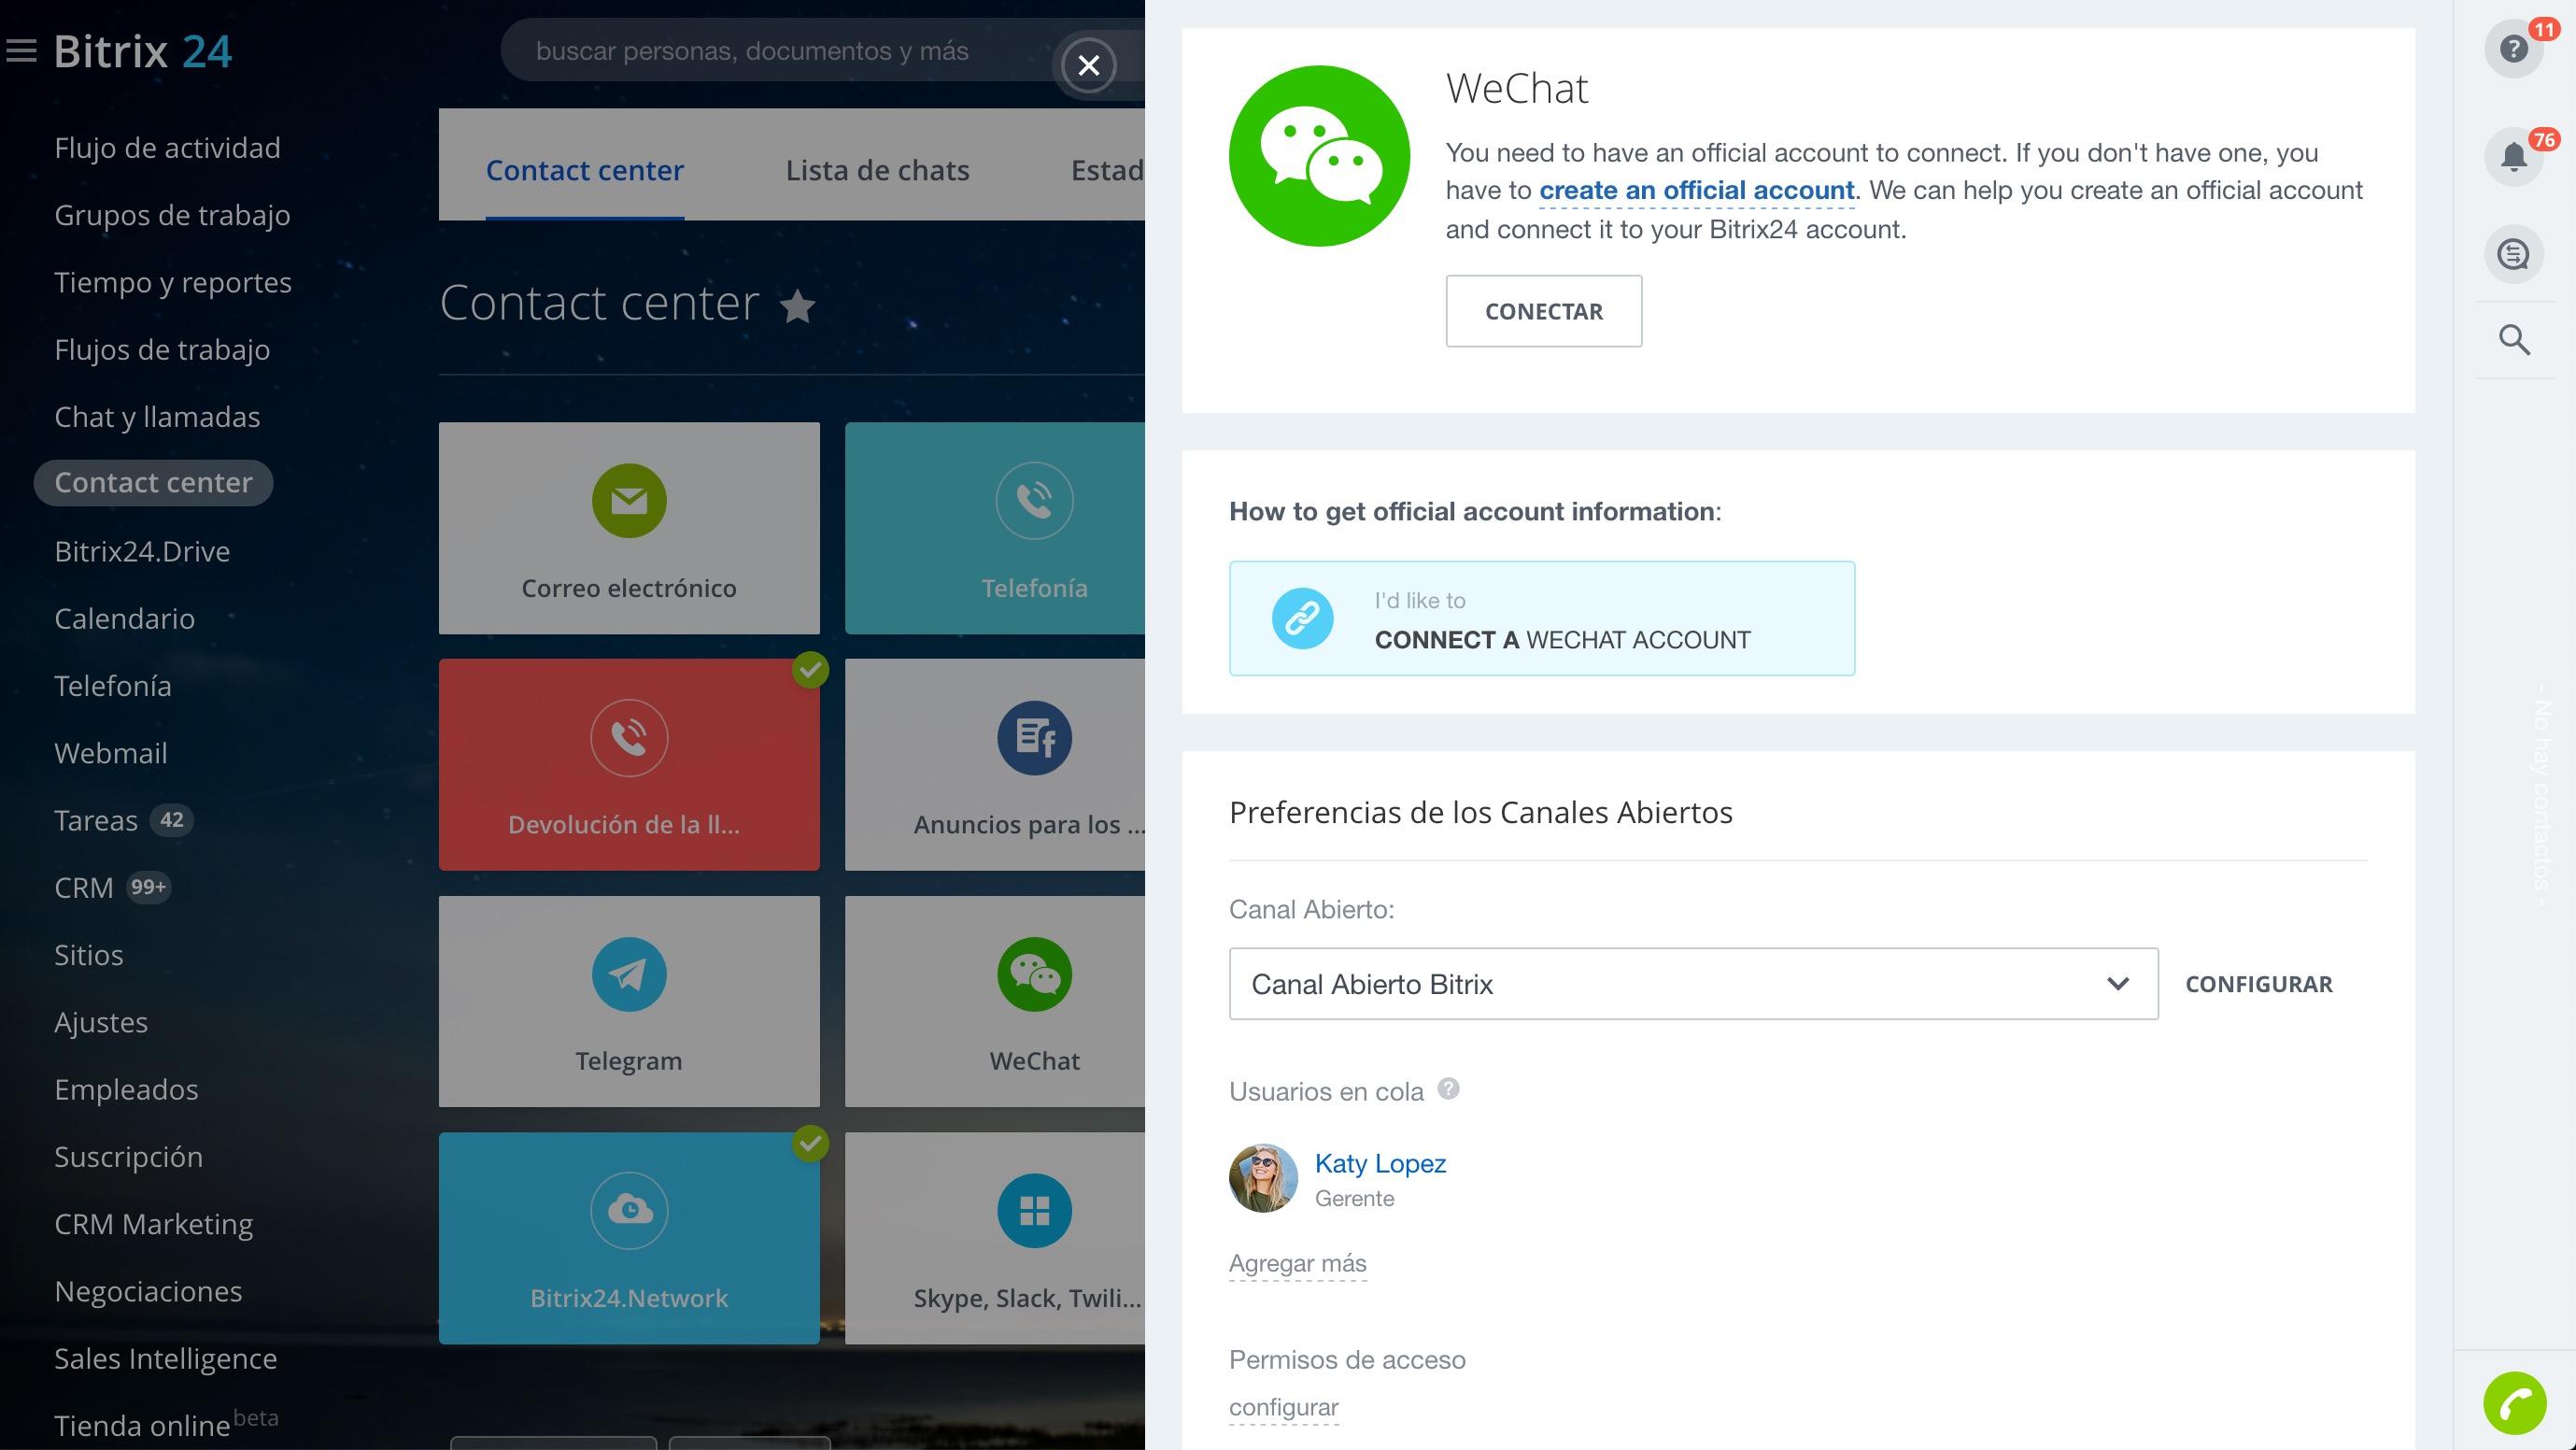 Integración con WeChat